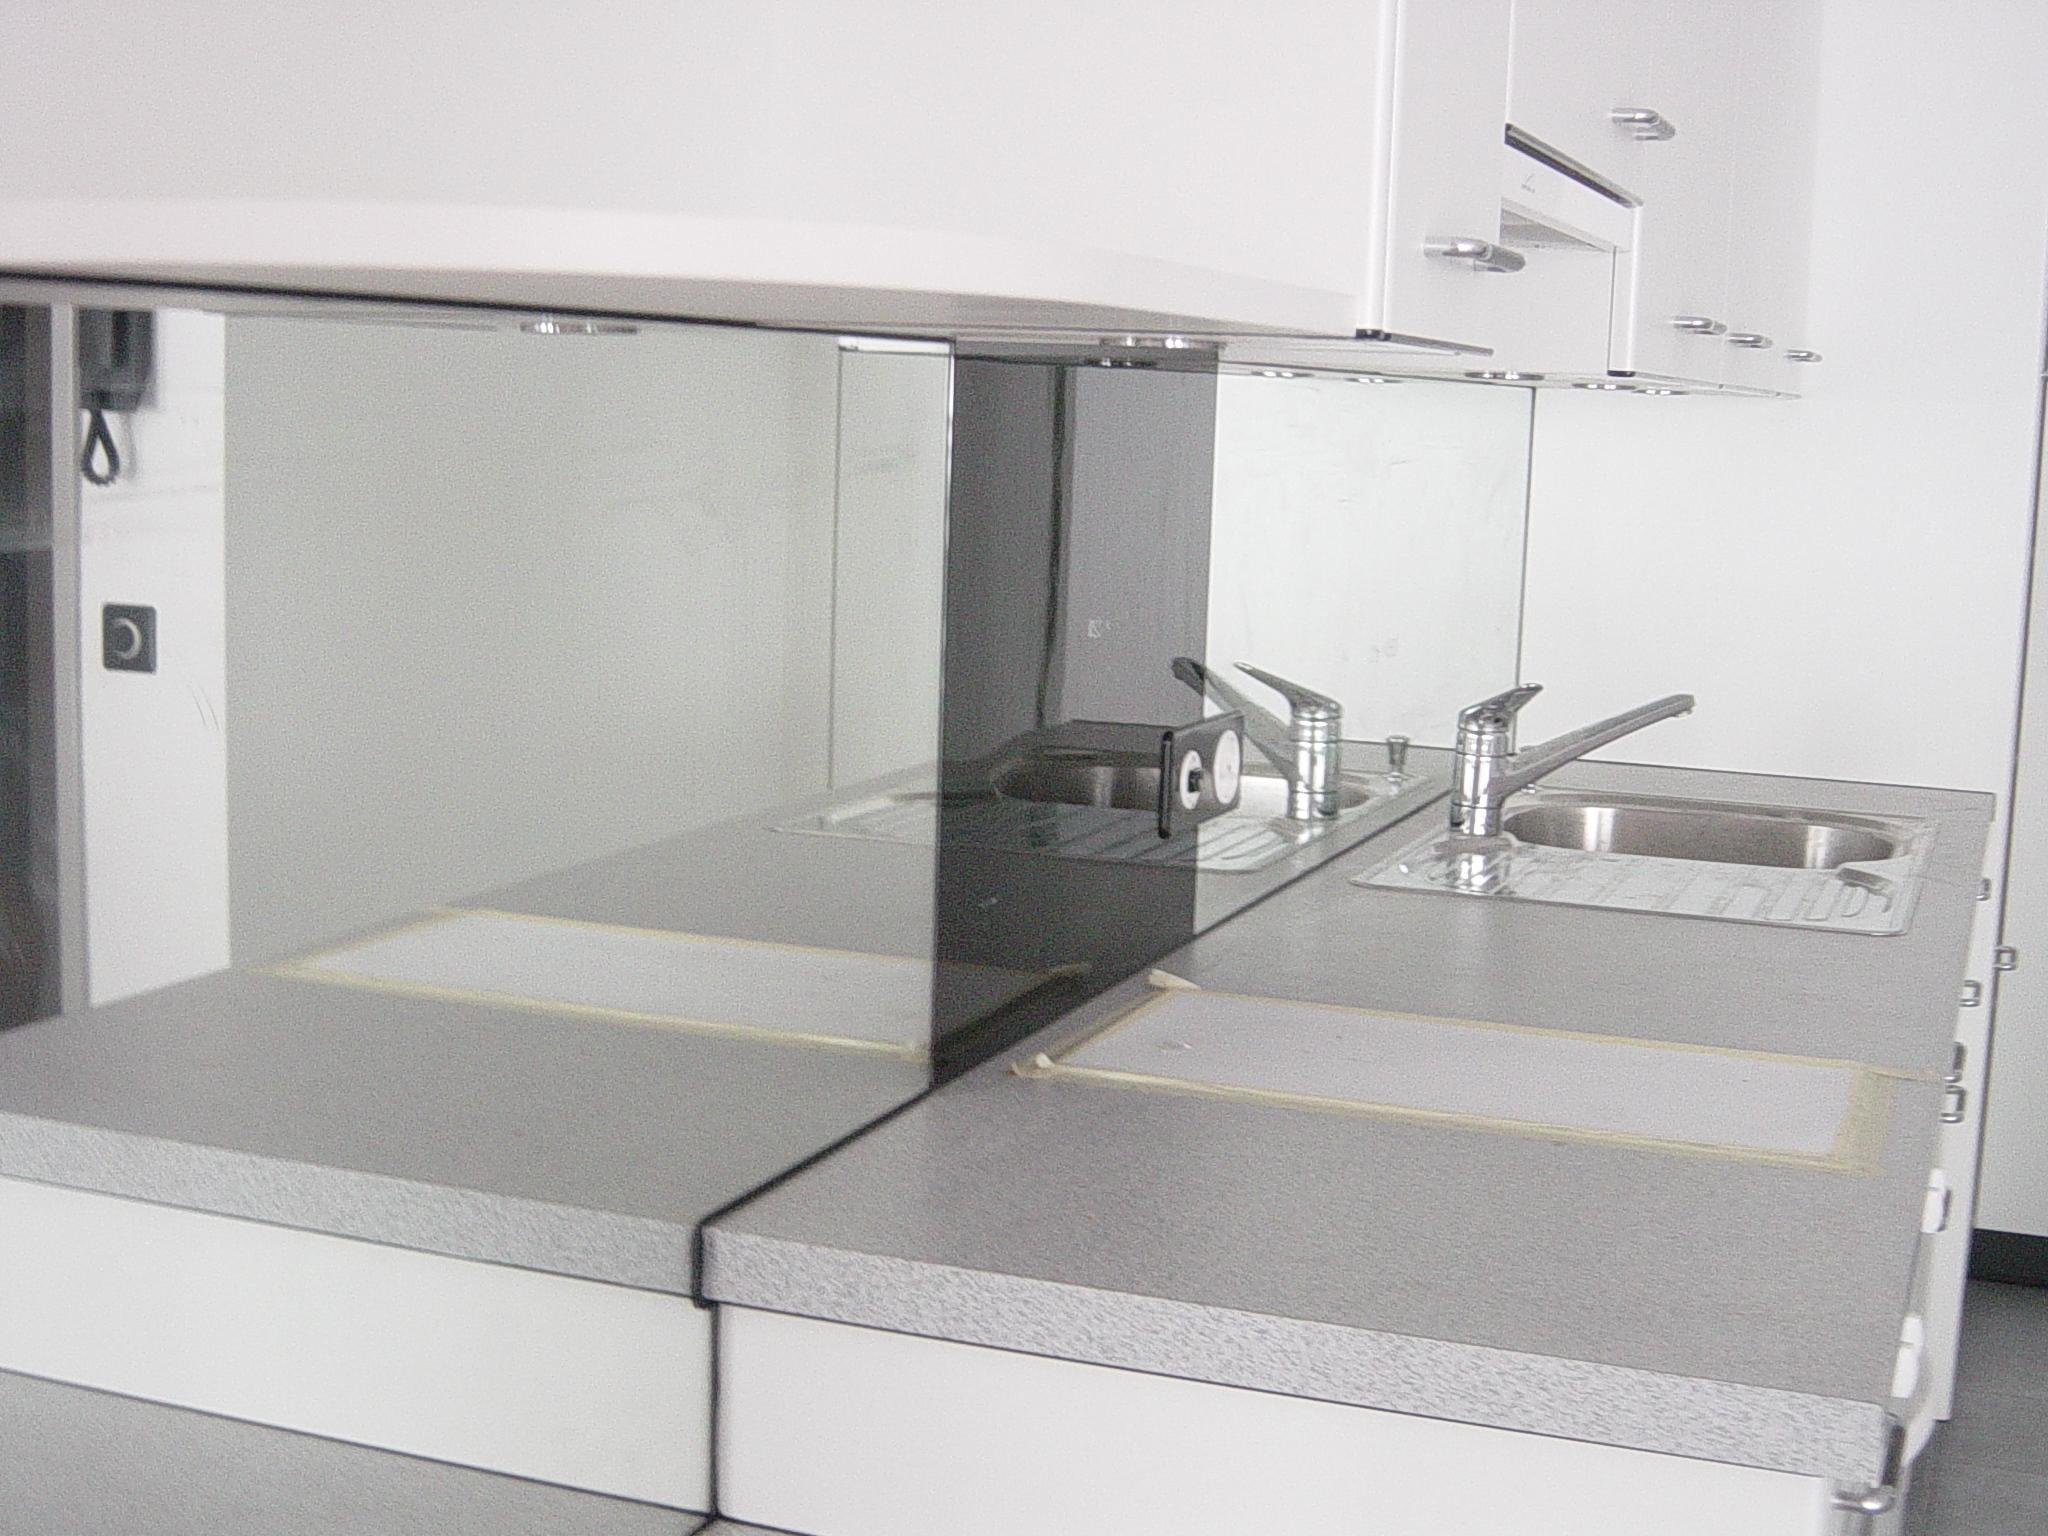 k chenverglasung demenga glas ag. Black Bedroom Furniture Sets. Home Design Ideas